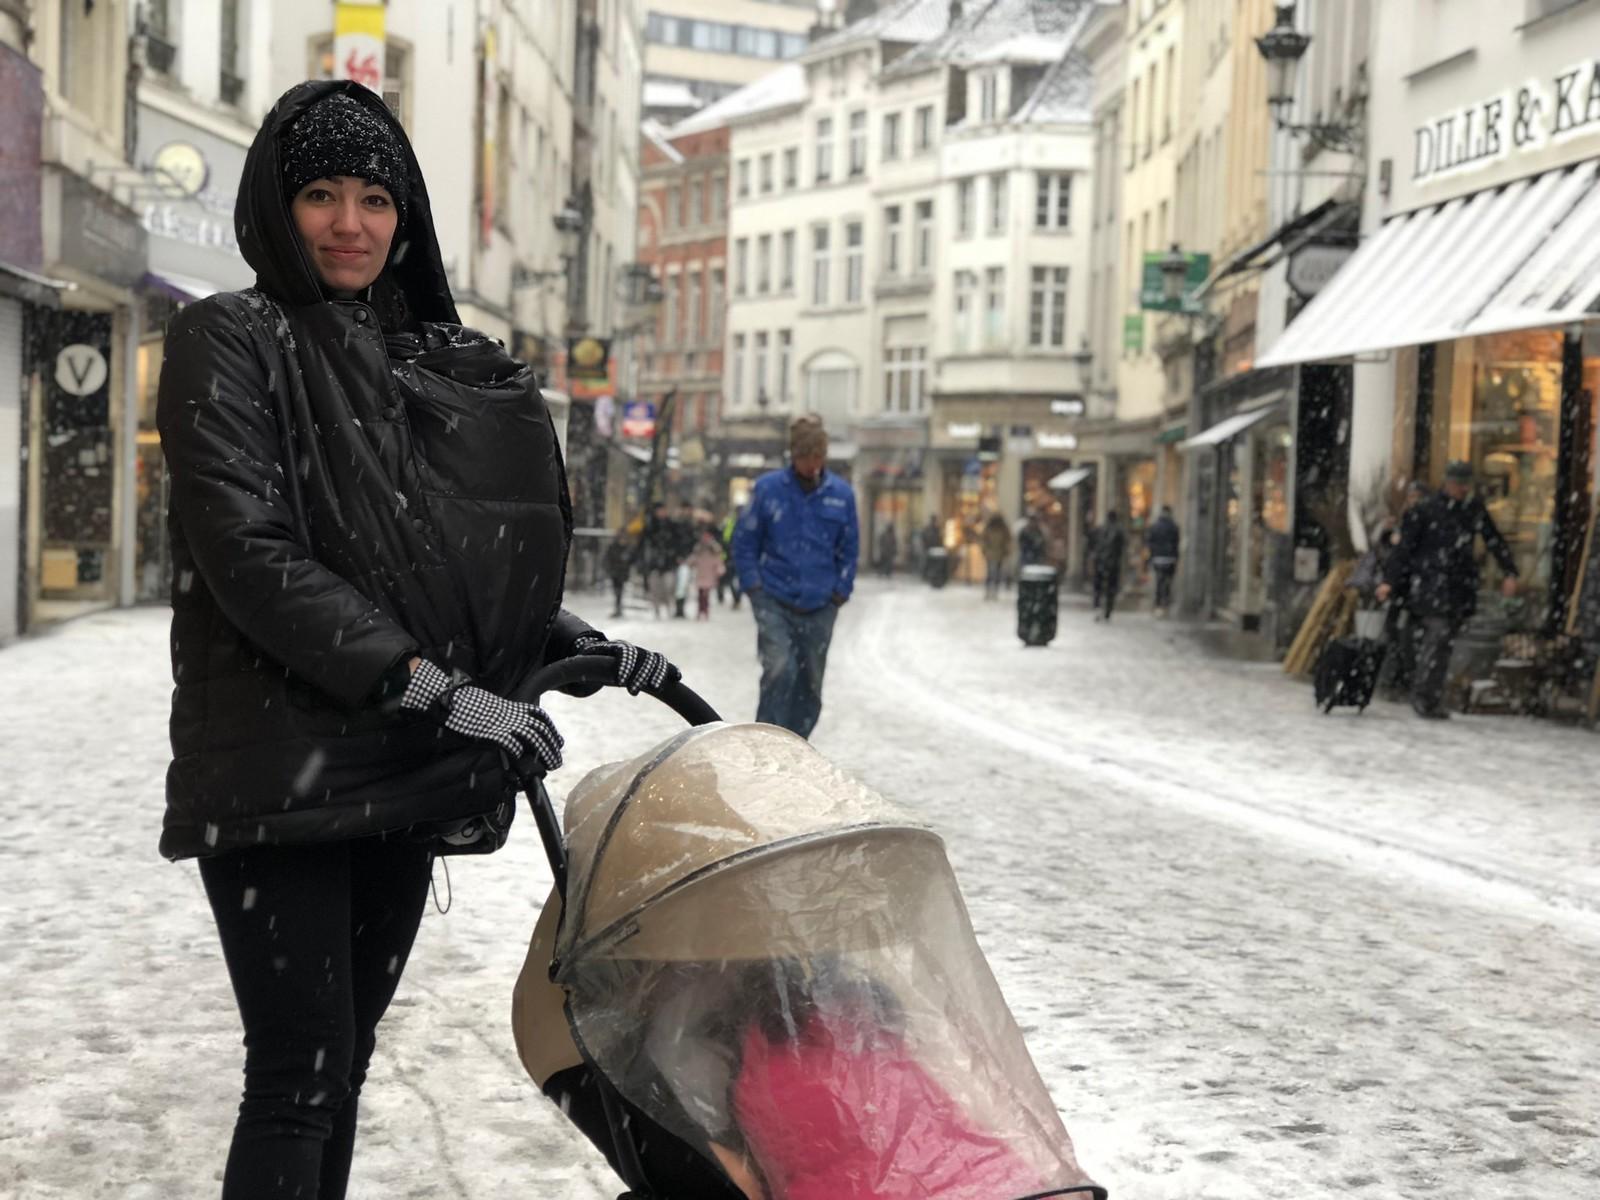 ¡Me CHIFLA la nieve!